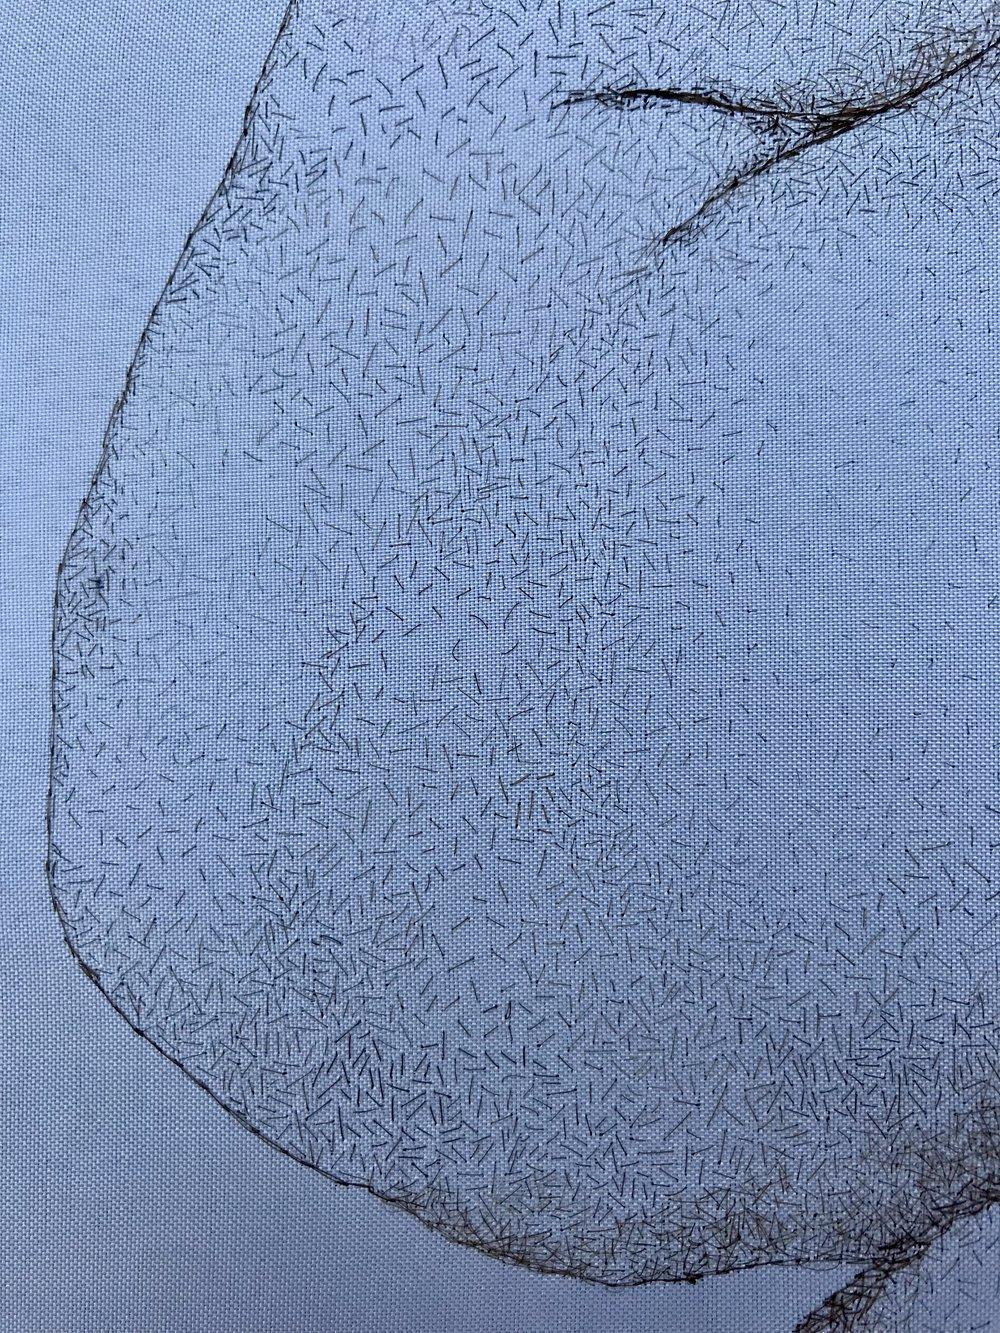 Hirsute Detail 1.JPG